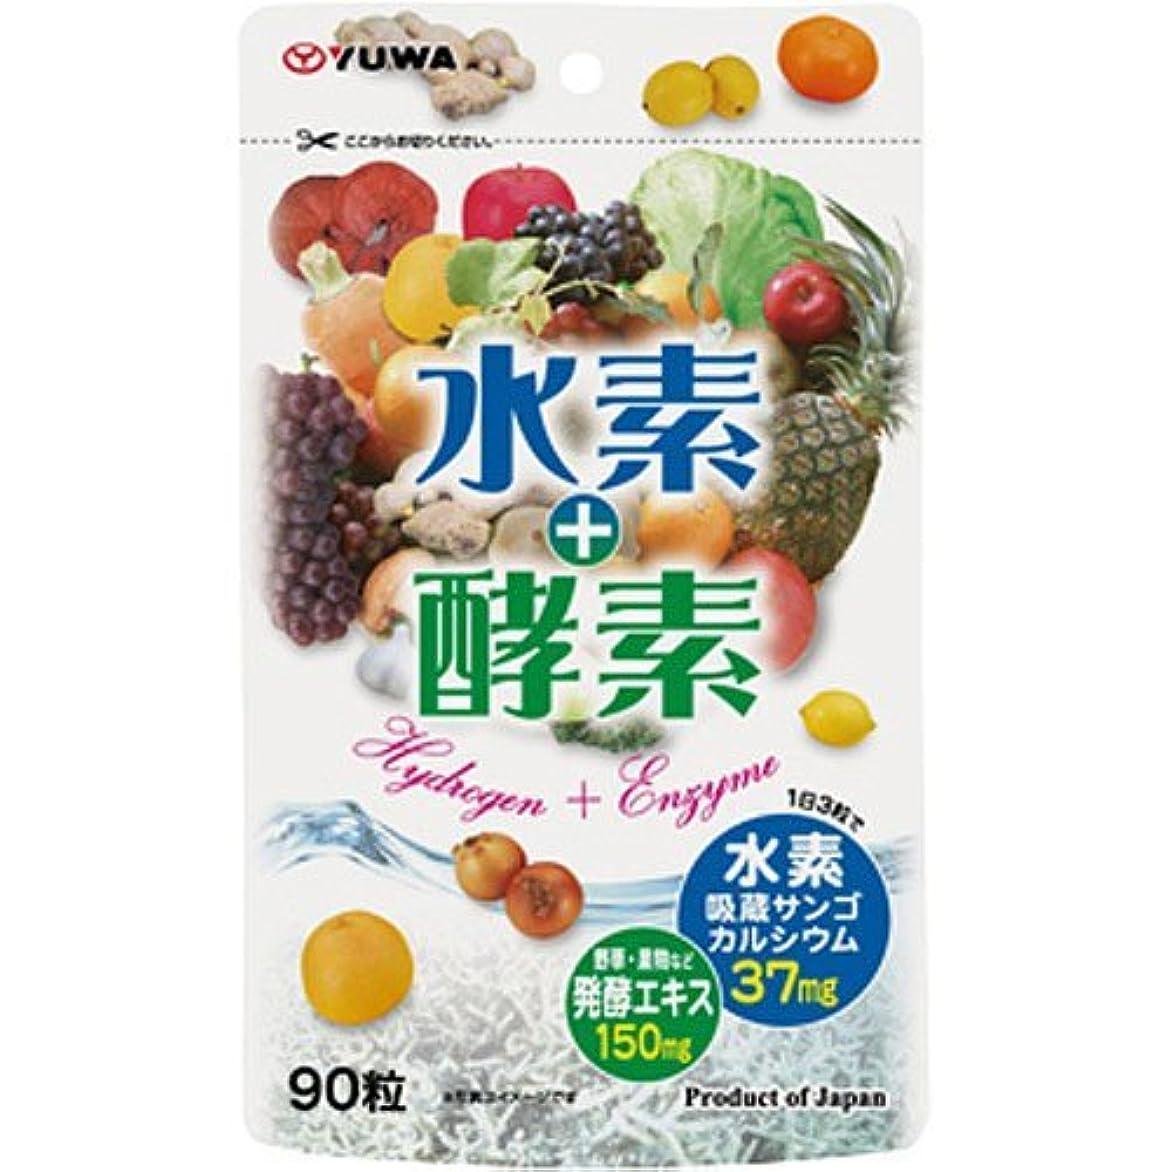 変換肥料類人猿ユーワ 水素+酵素 90粒